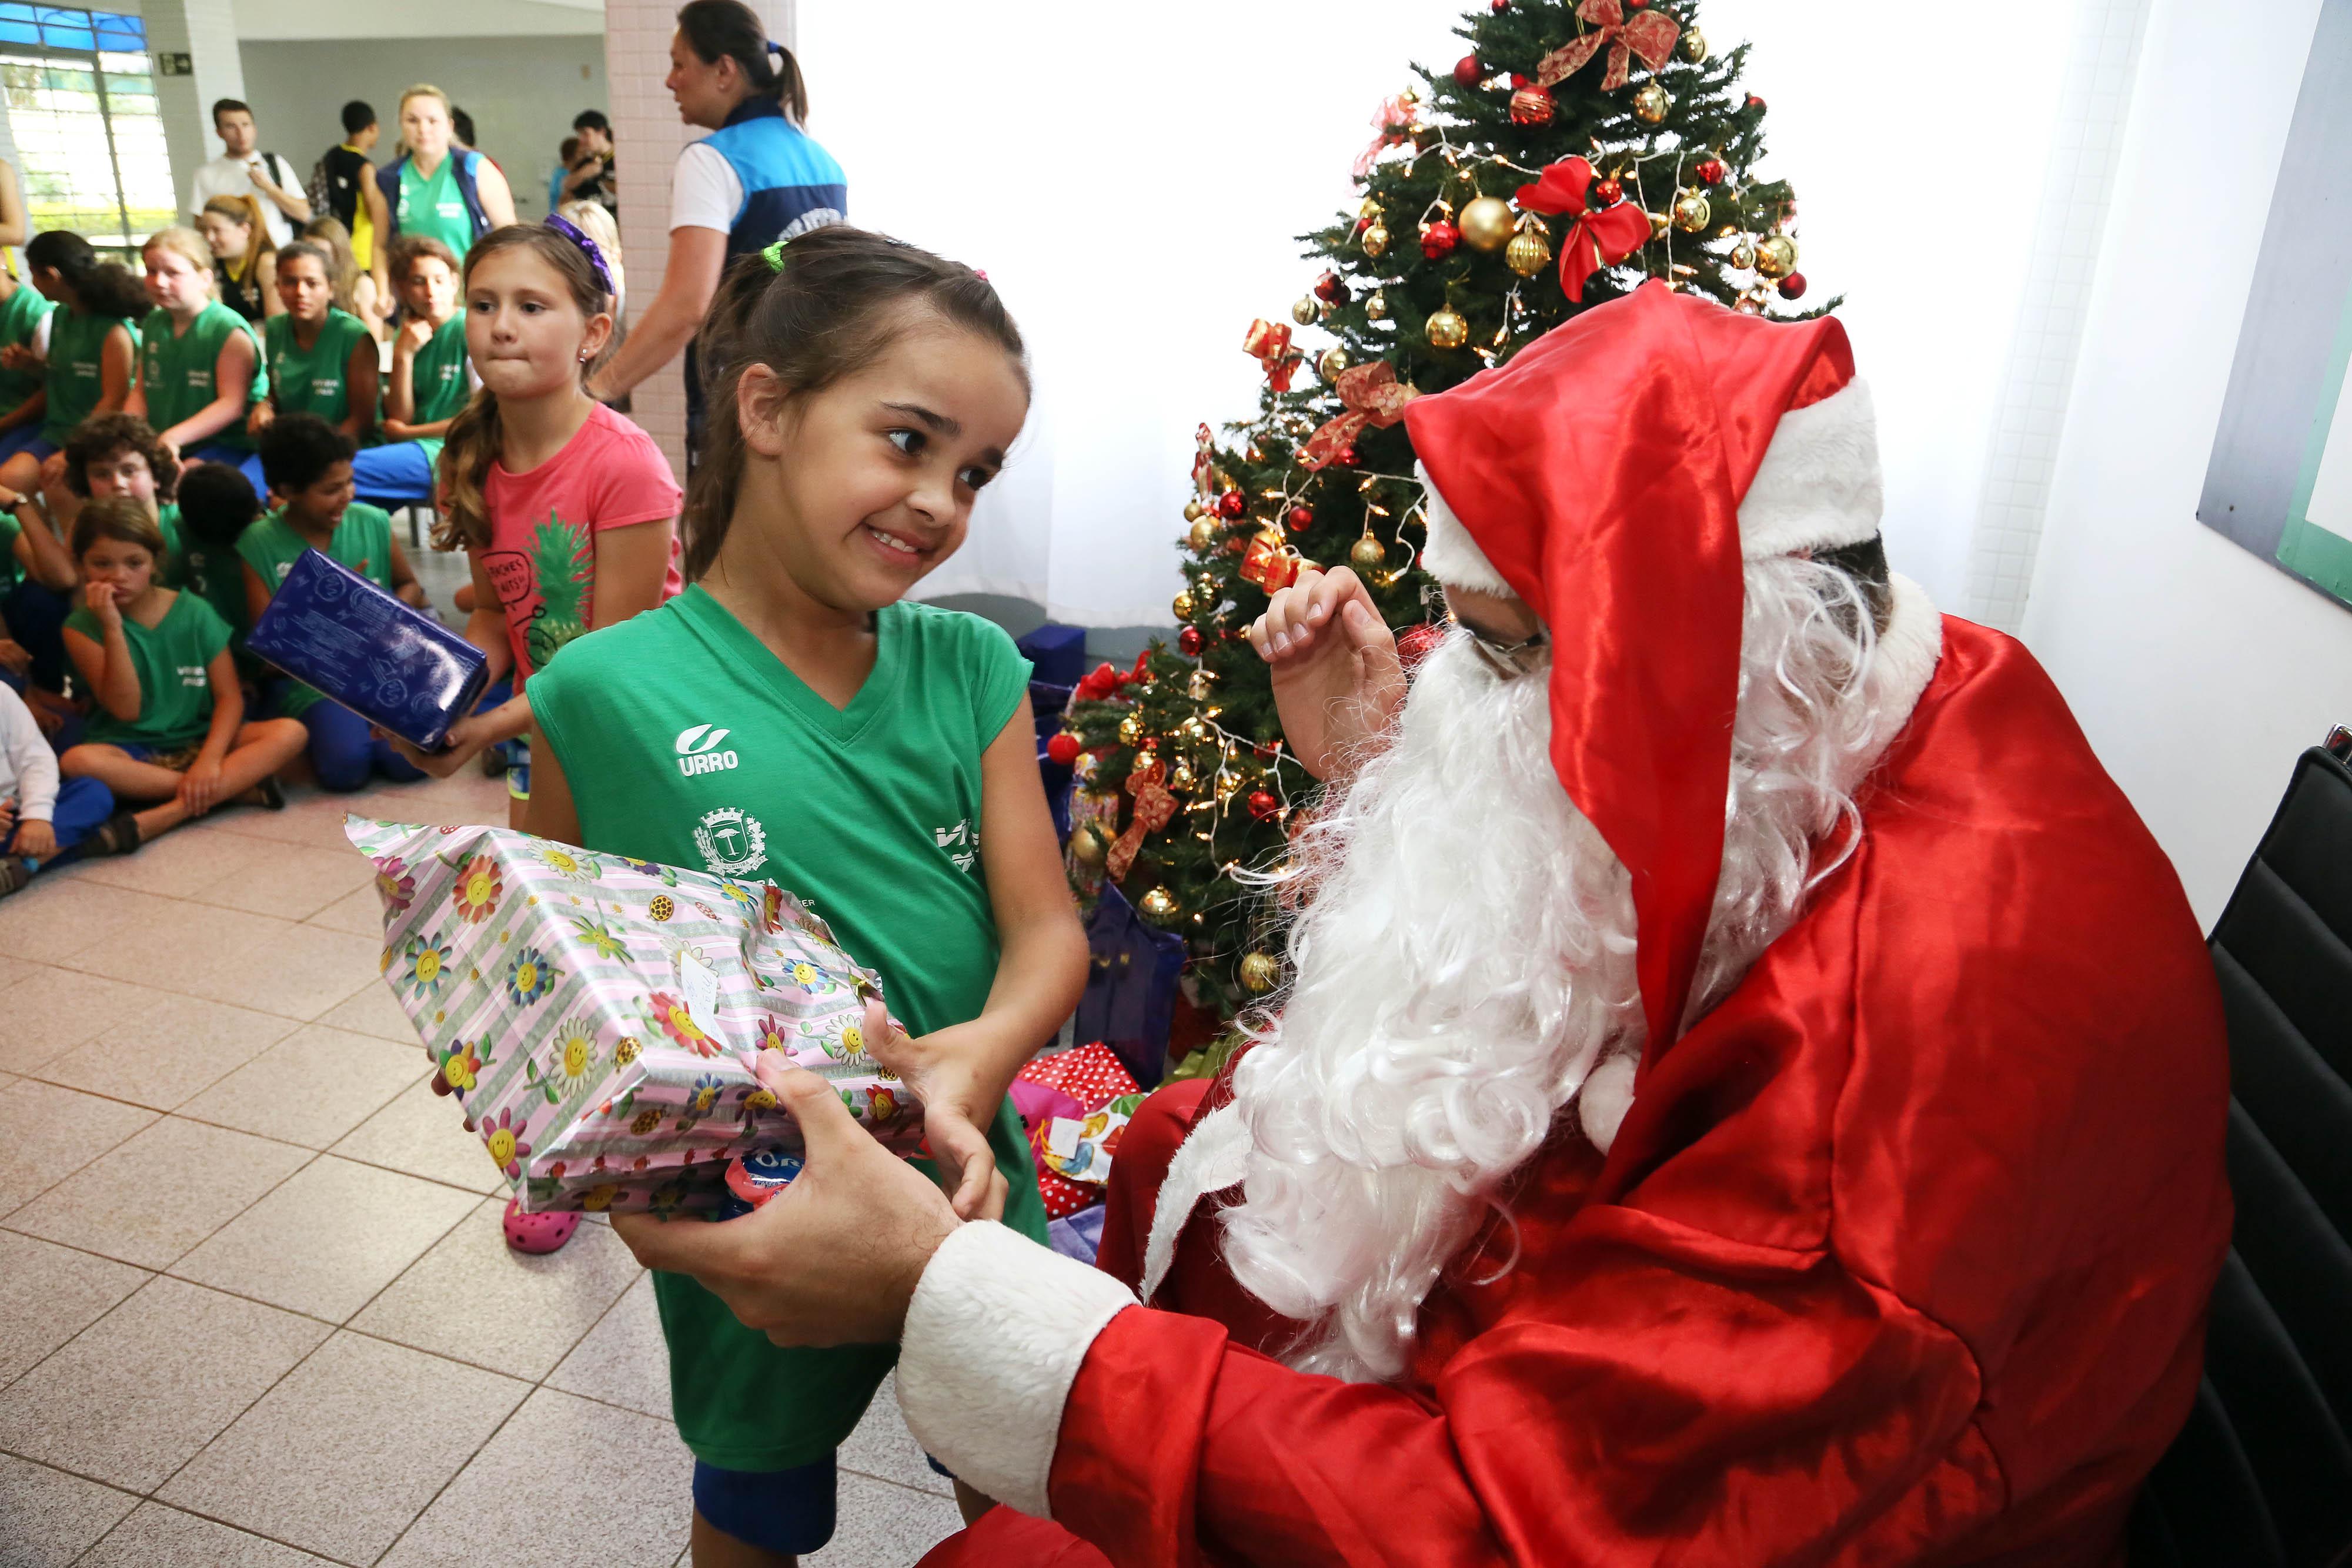 Pesquisa aponta que 88,8% dos goianienses irão presentear alguém neste natal